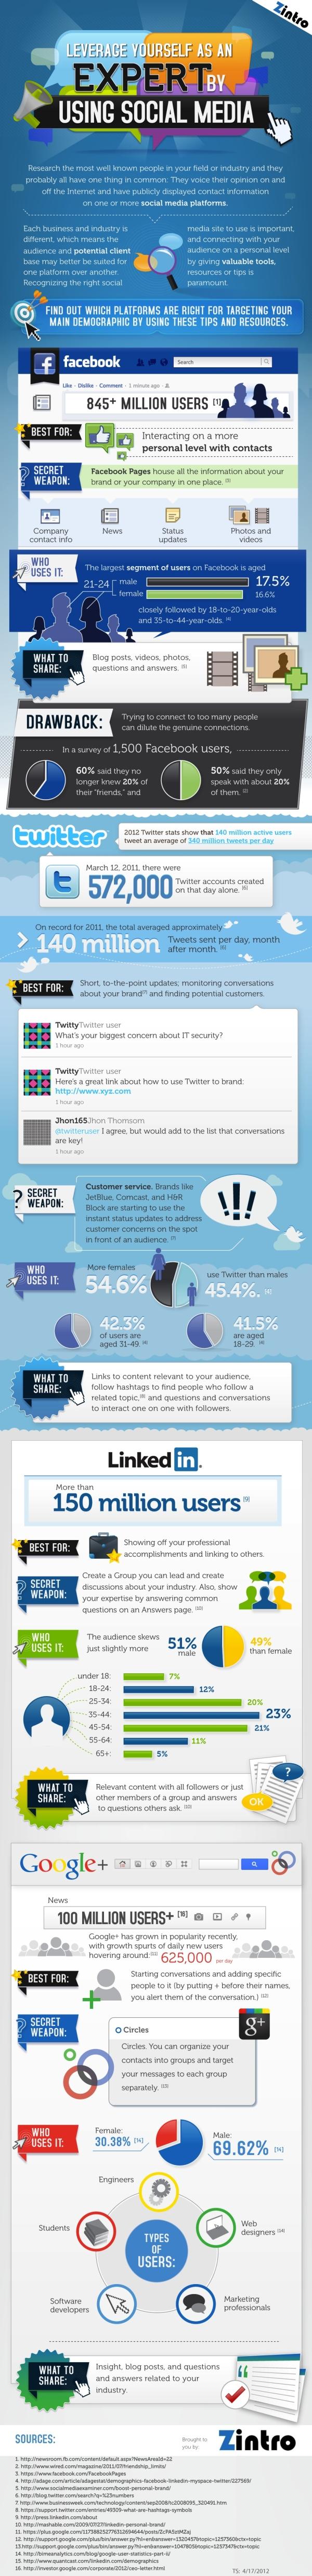 Facebook, Twitter, LinkedIn ve Google+ Hakkında Süper İpuçları [İnfografik]